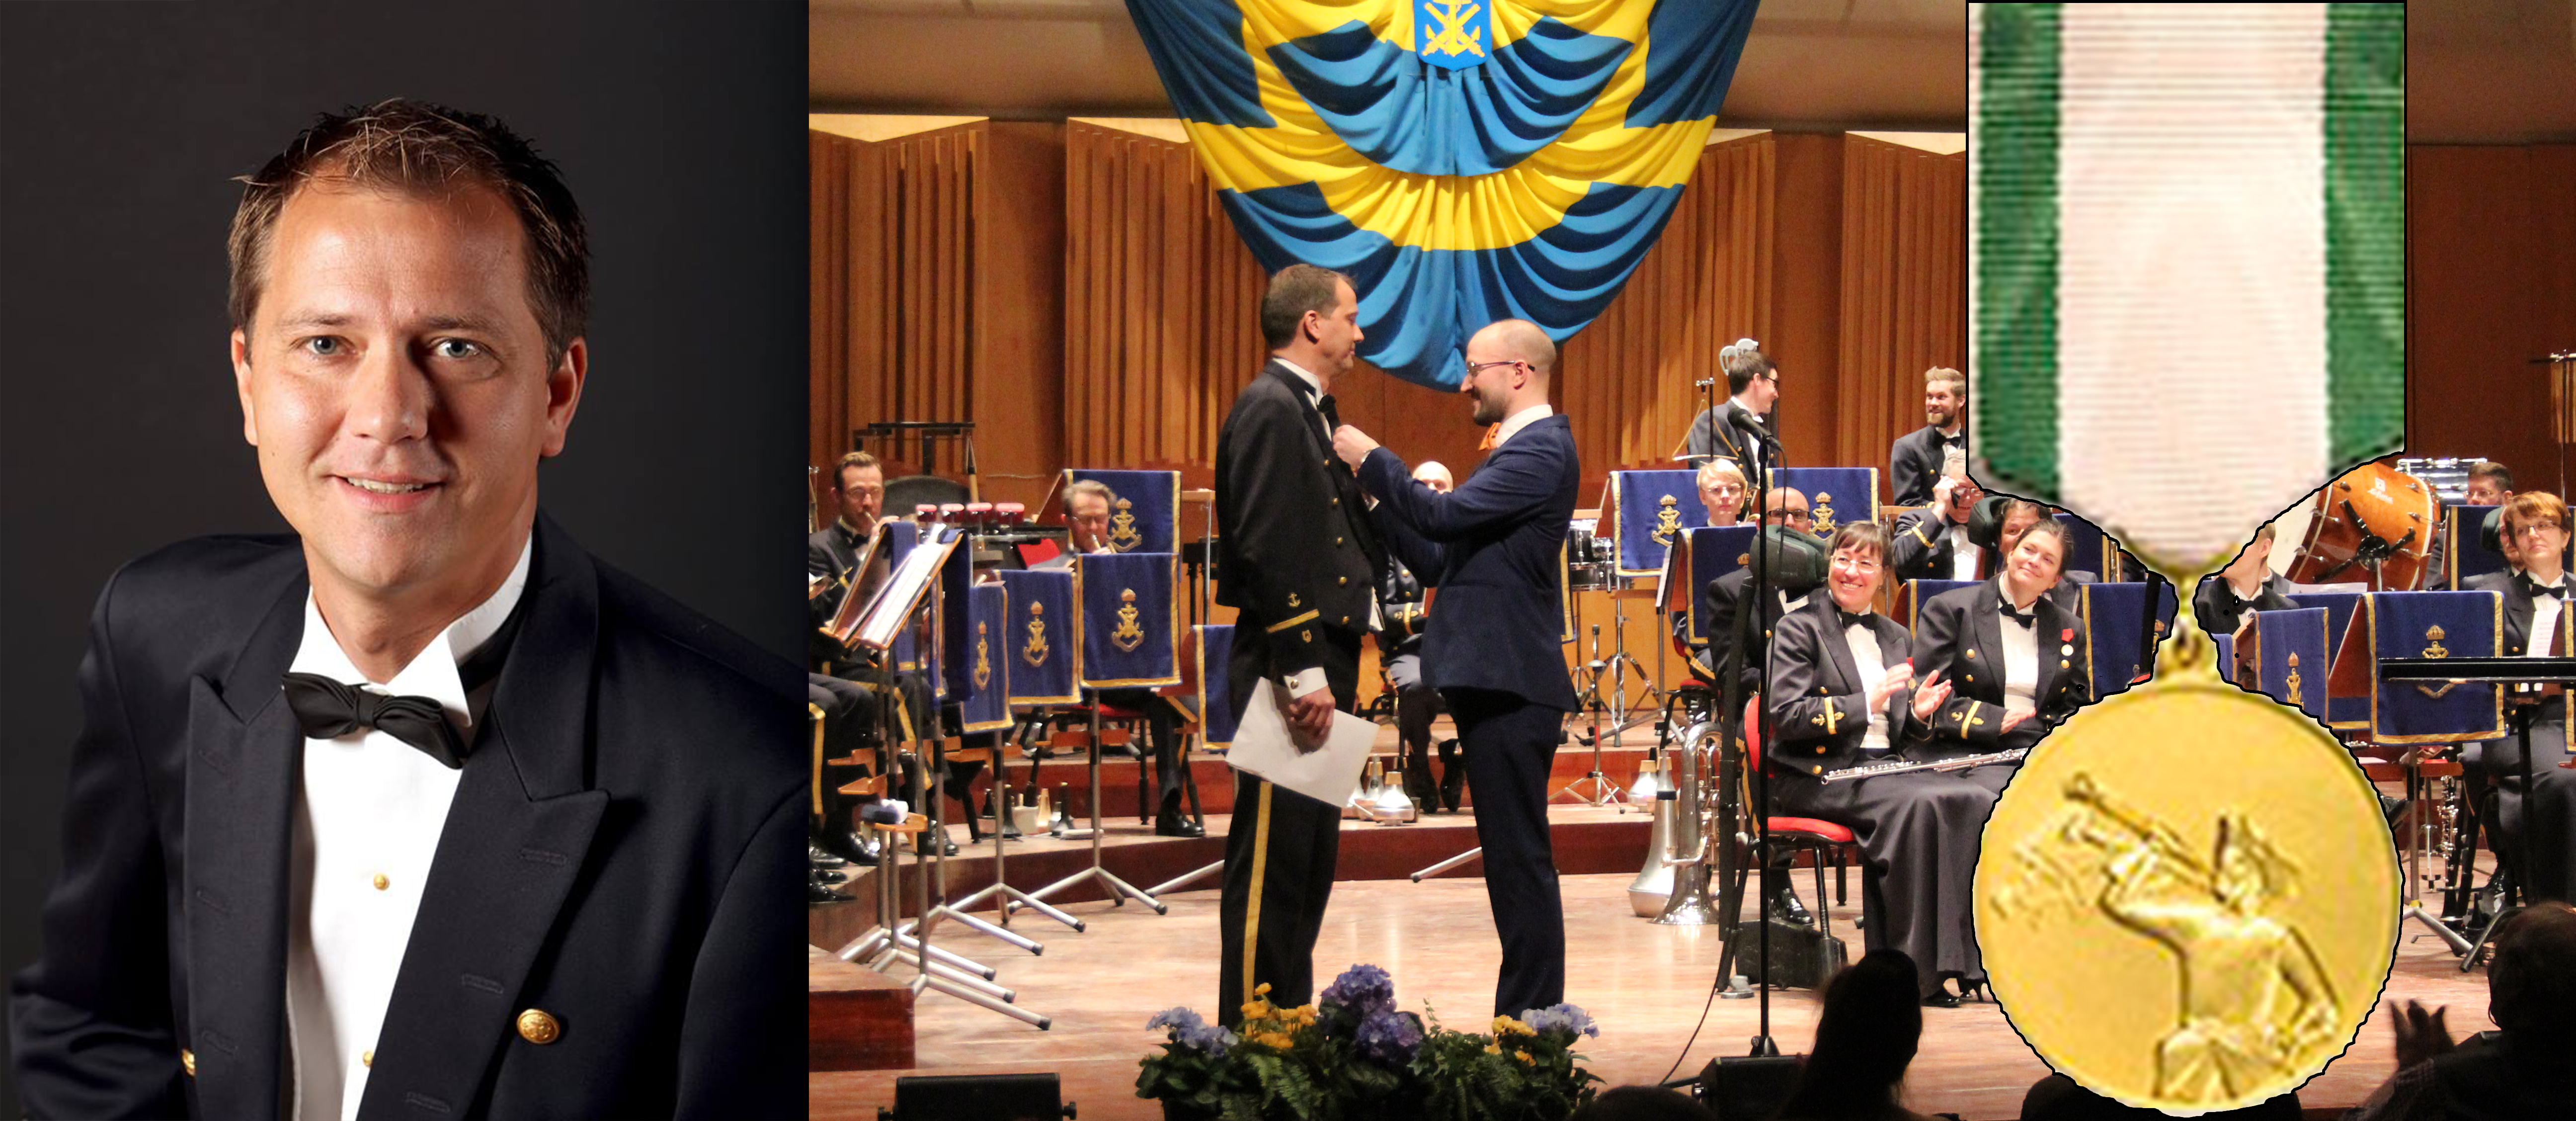 Pro musica militare